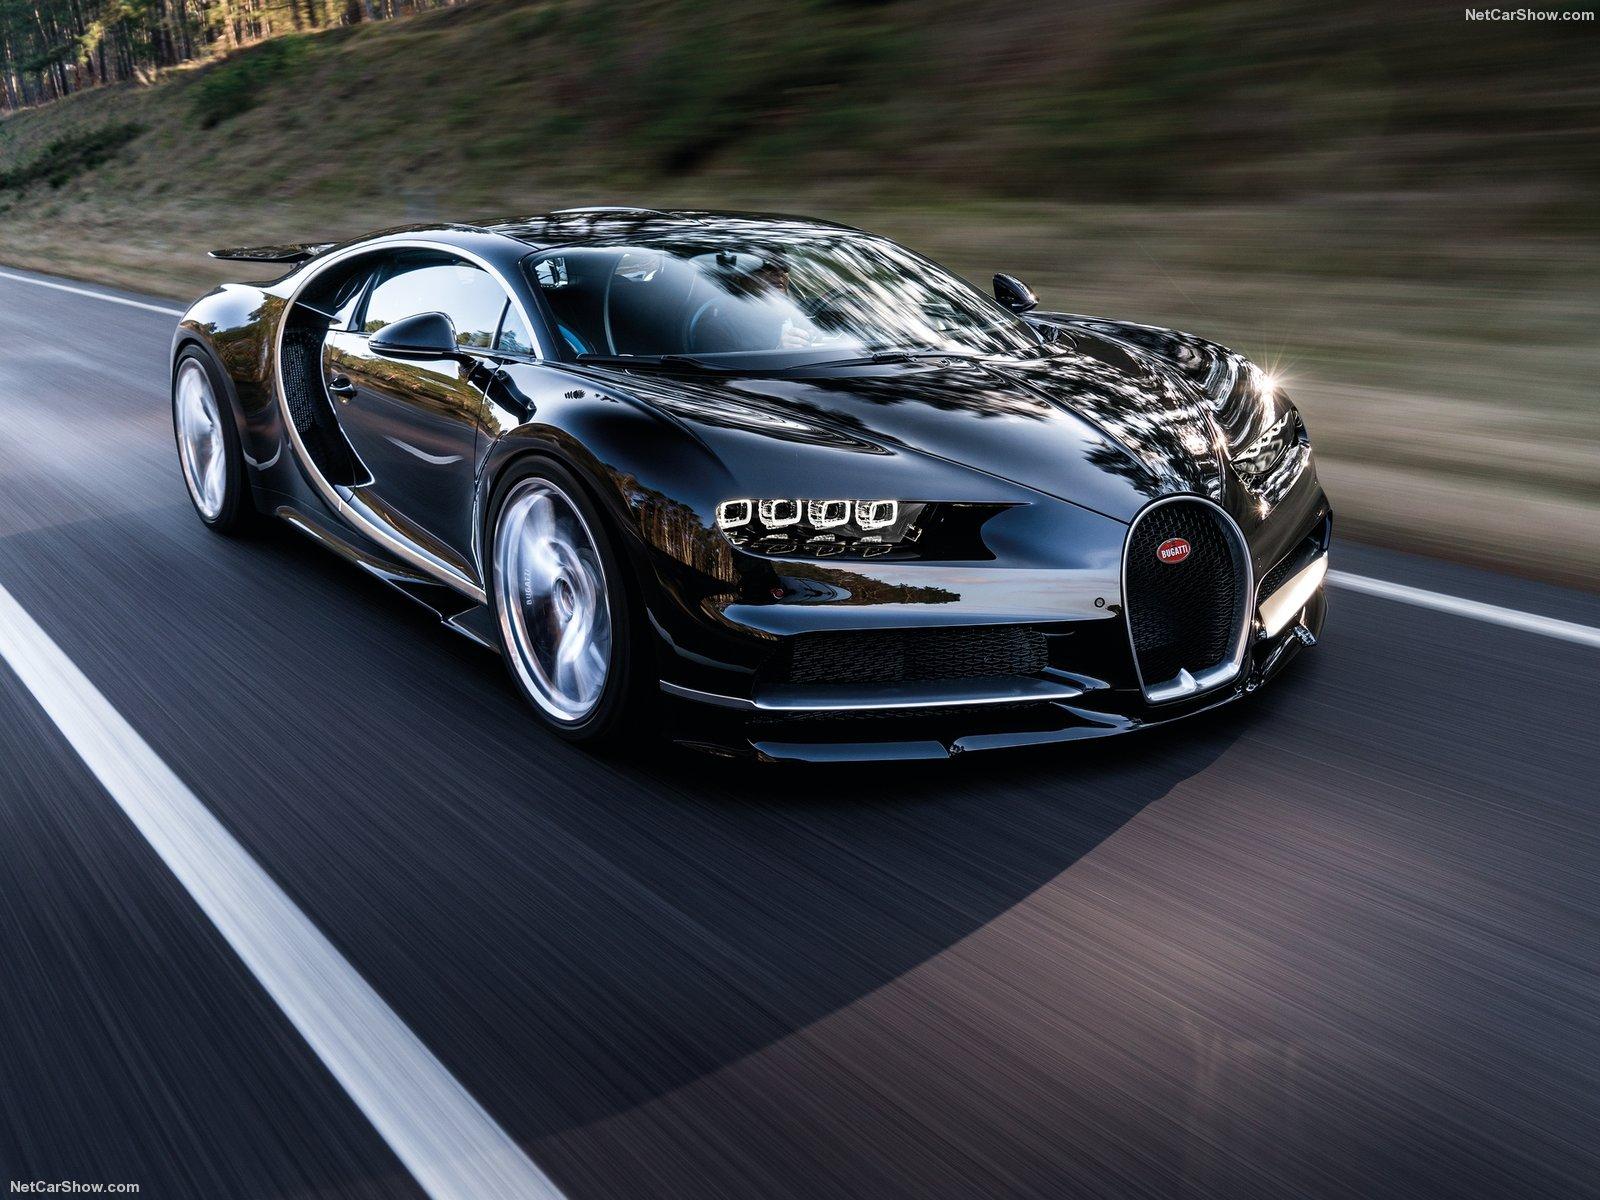 Bugatti-Chiron_2017_1600x1200_wallpaper_0c